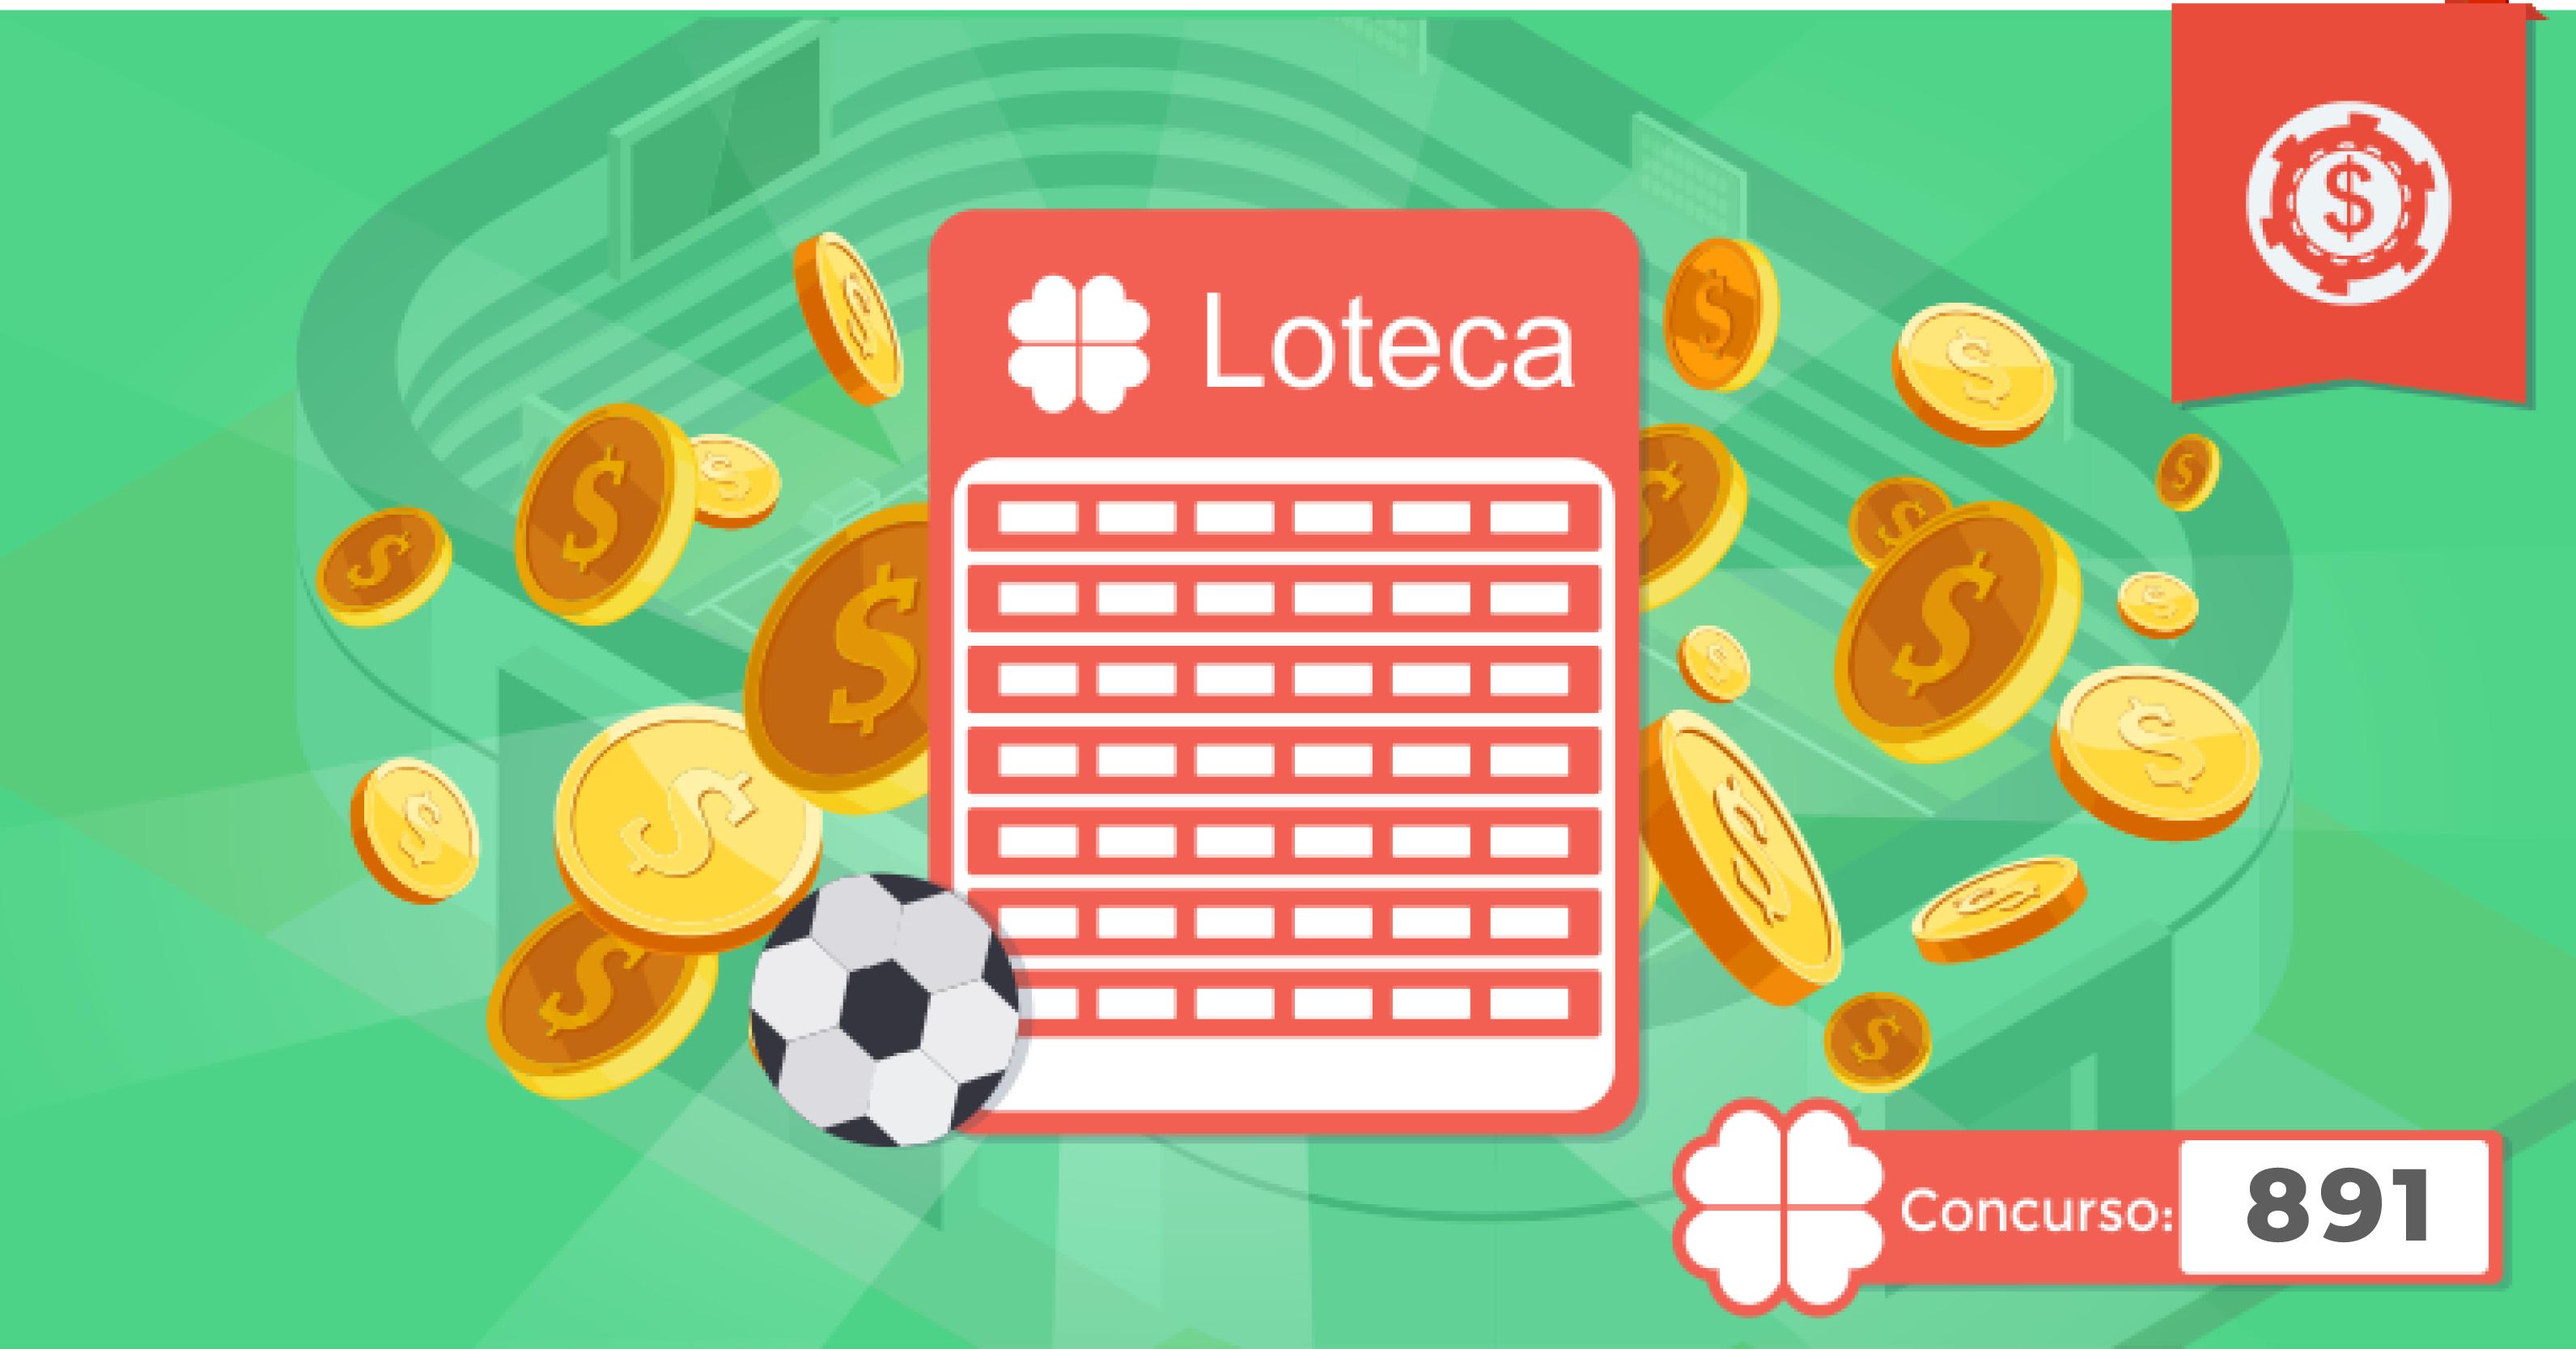 palpites-loteca-891-palpites-loteca-semana